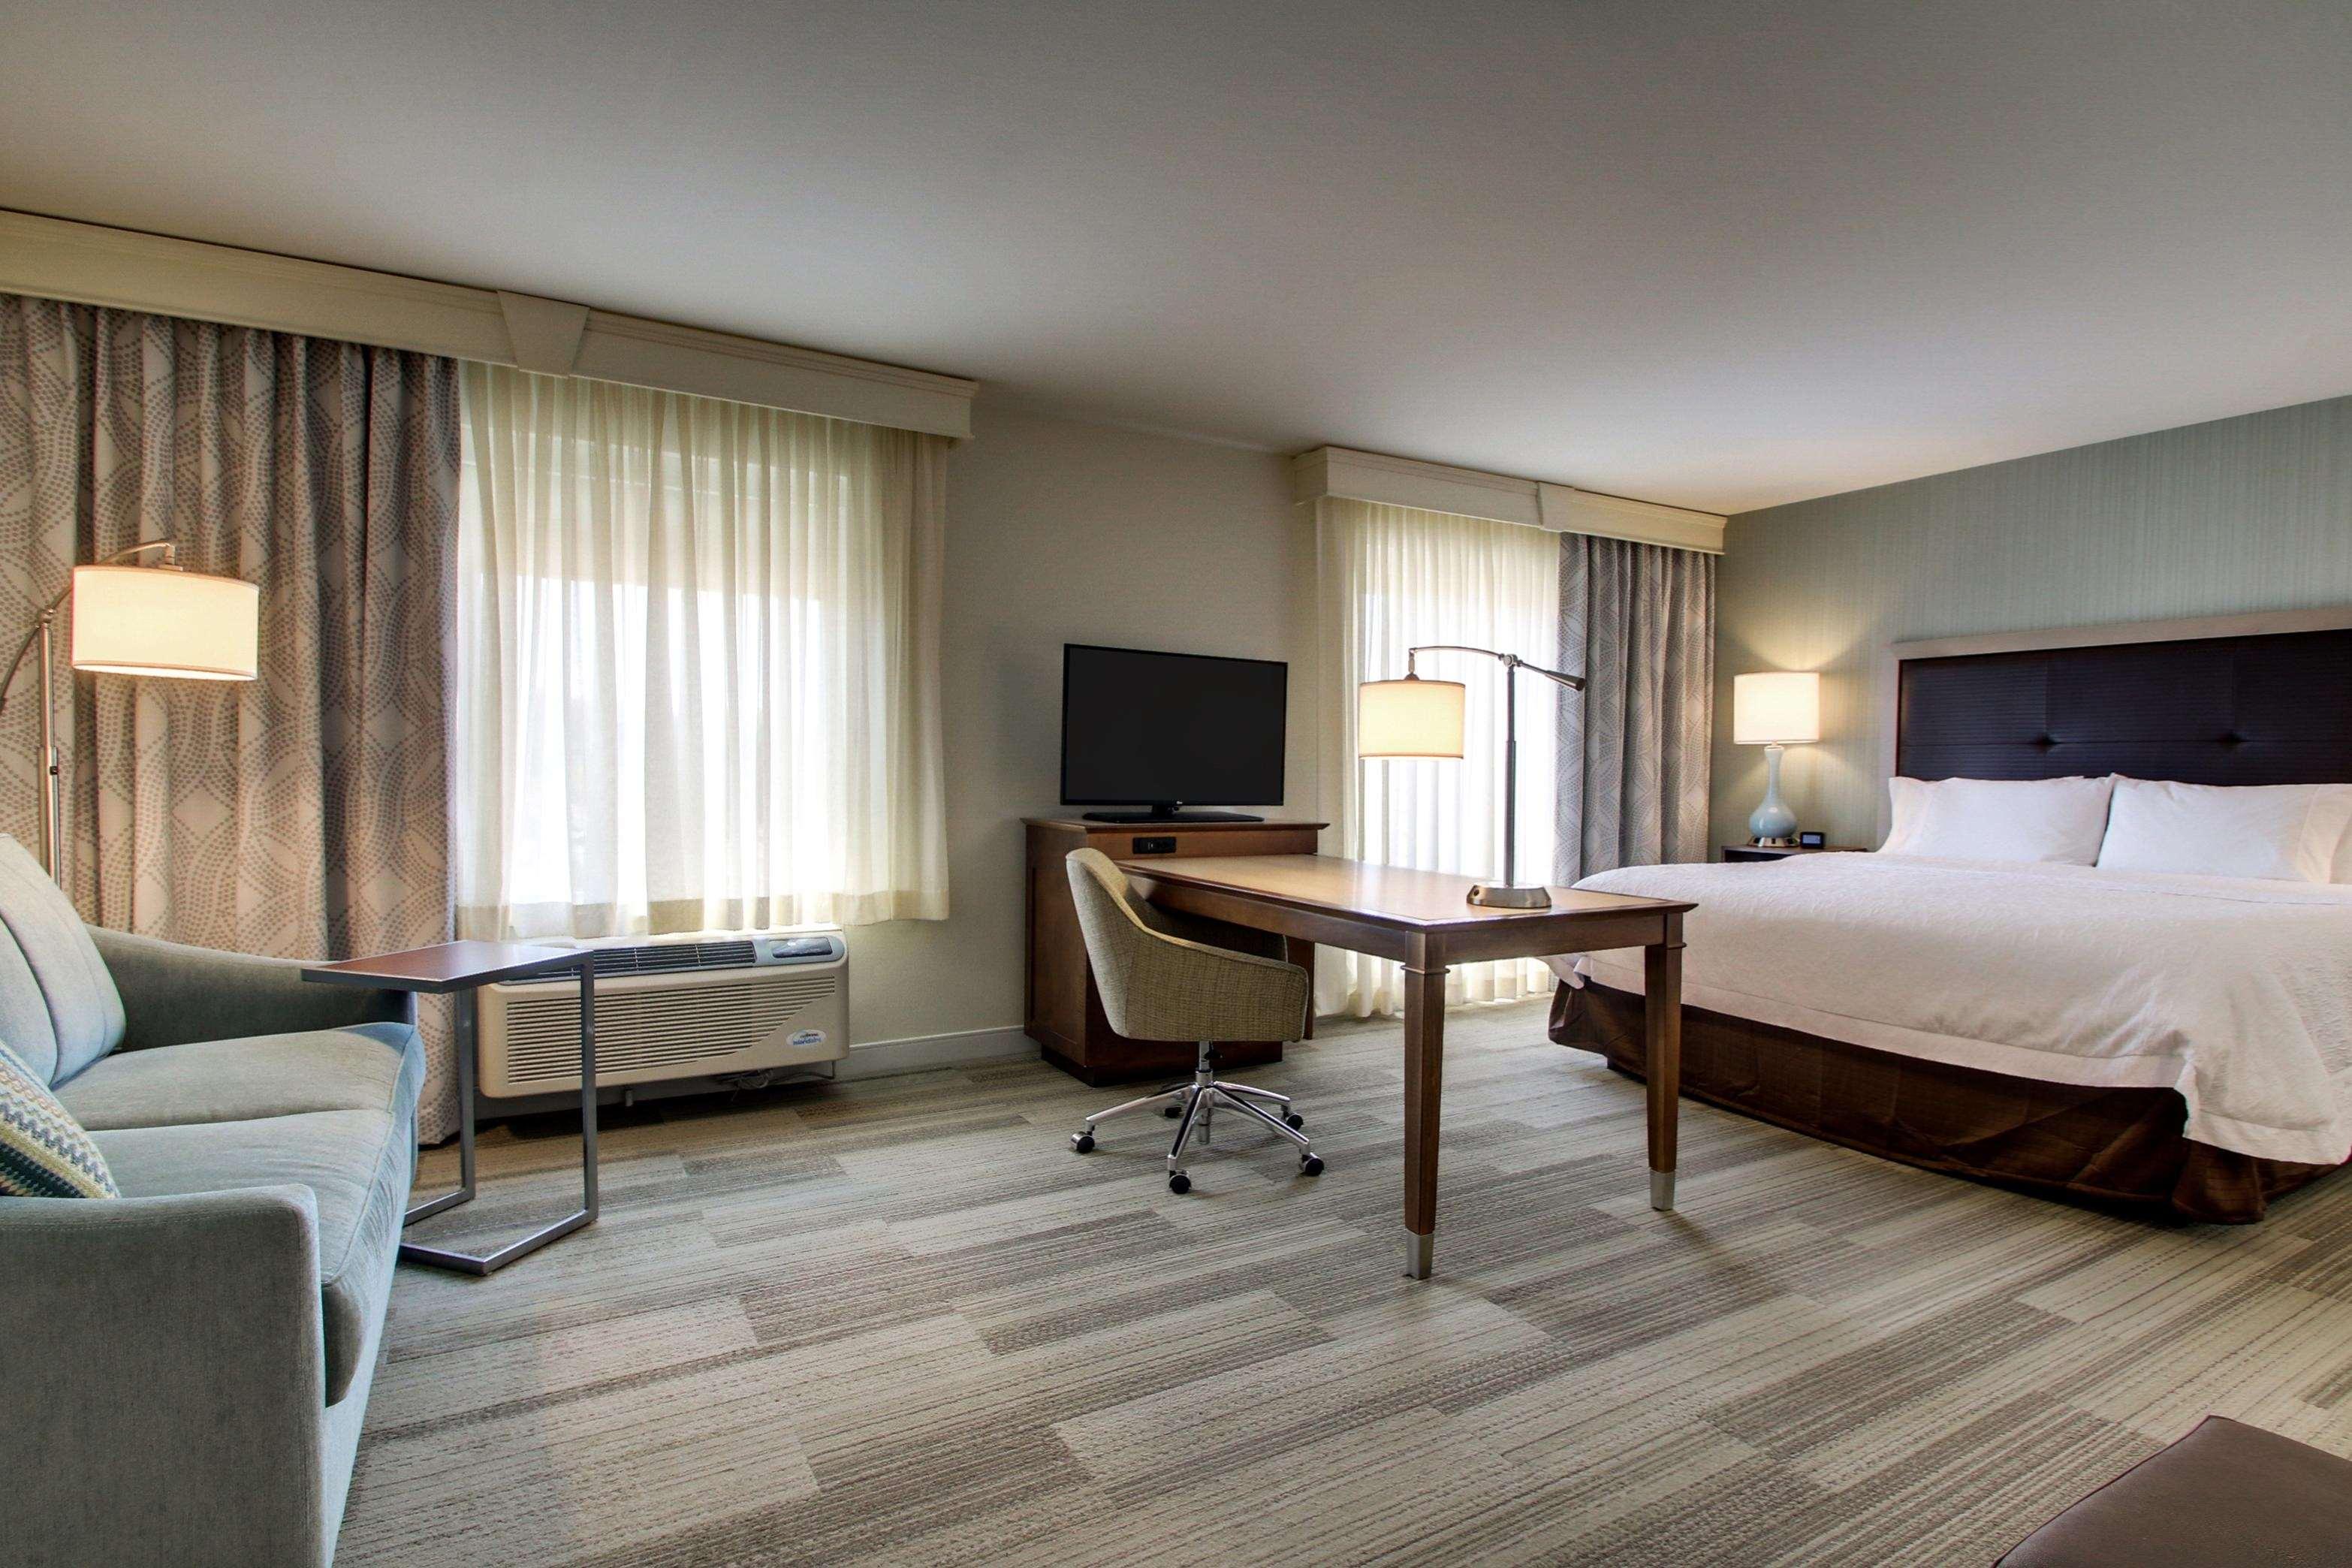 Hampton Inn & Suites Milwaukee West image 11